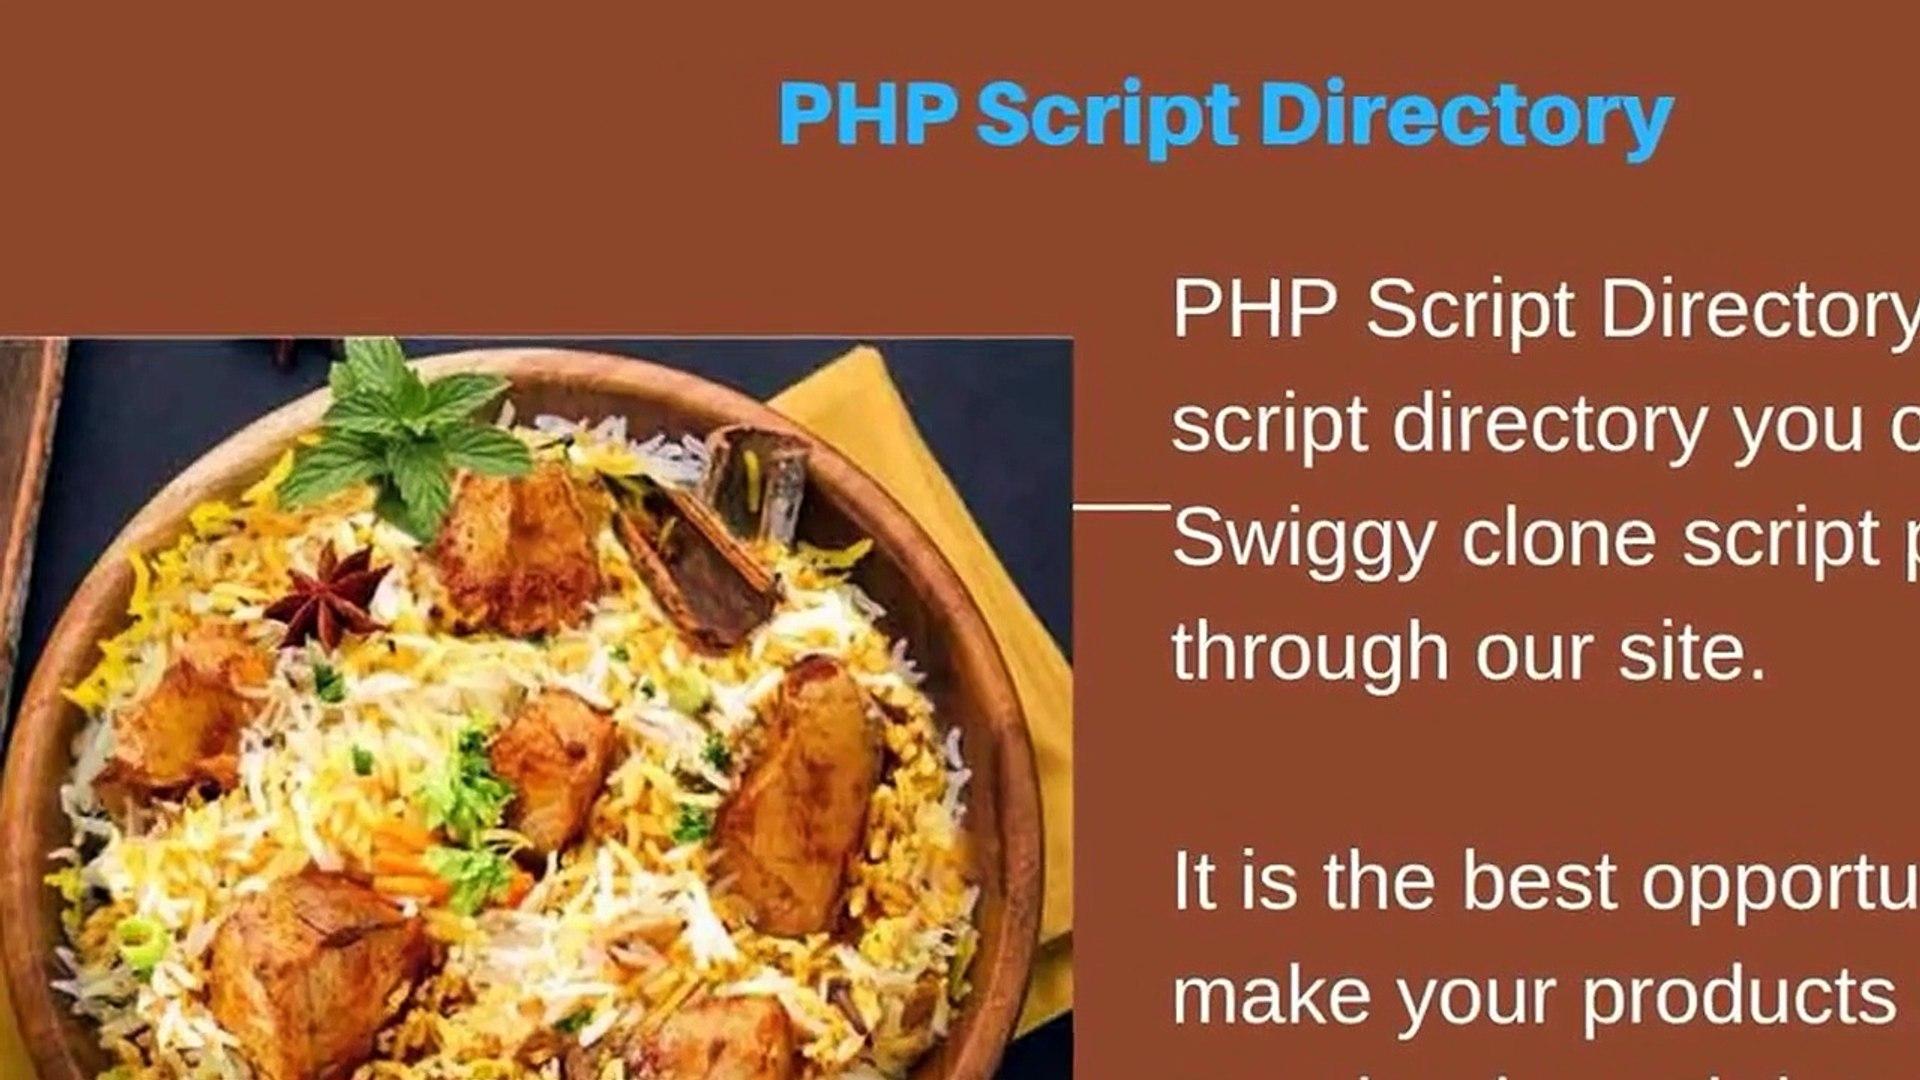 Just Eat Clone Script - Swiggy Clone Script - Zomato Clone